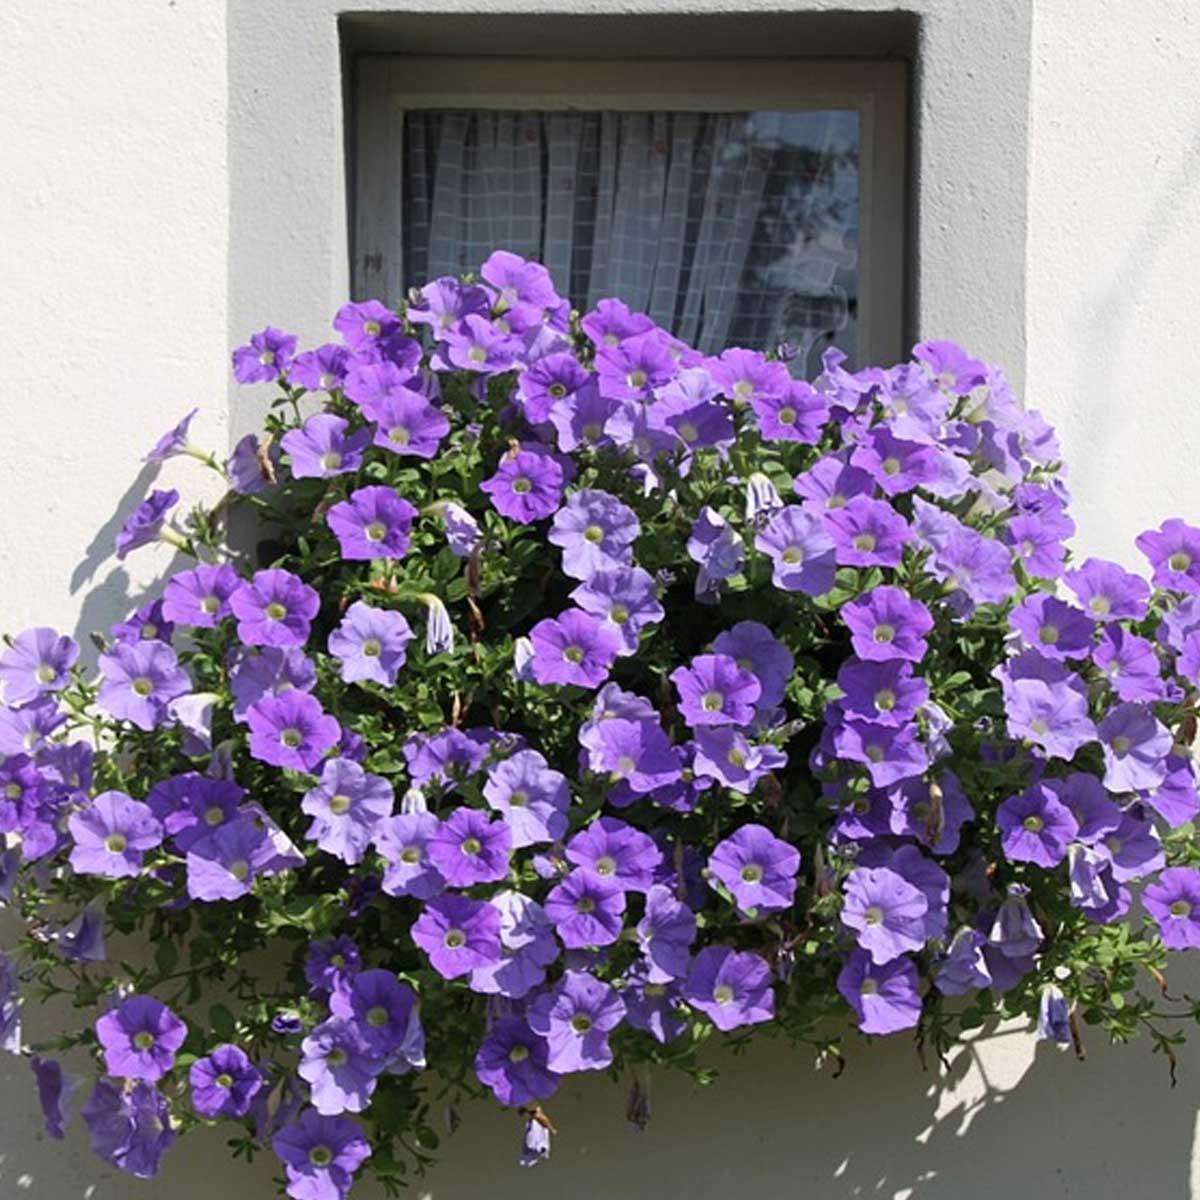 Jardines en balcones: Mejores plantas para crearlos